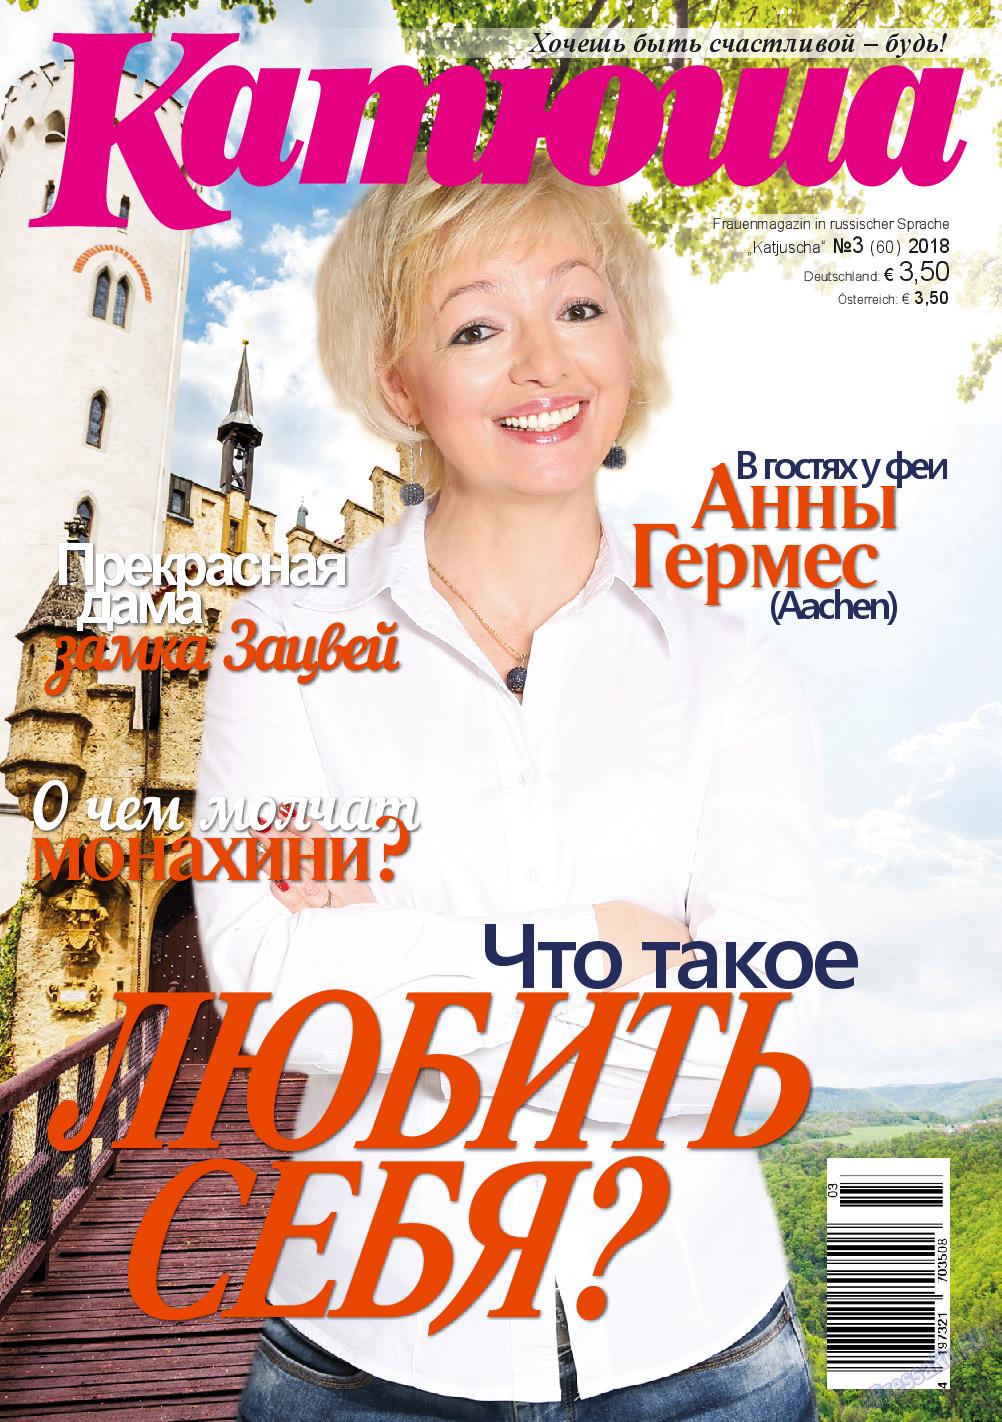 Катюша (журнал). 2018 год, номер 60, стр. 1